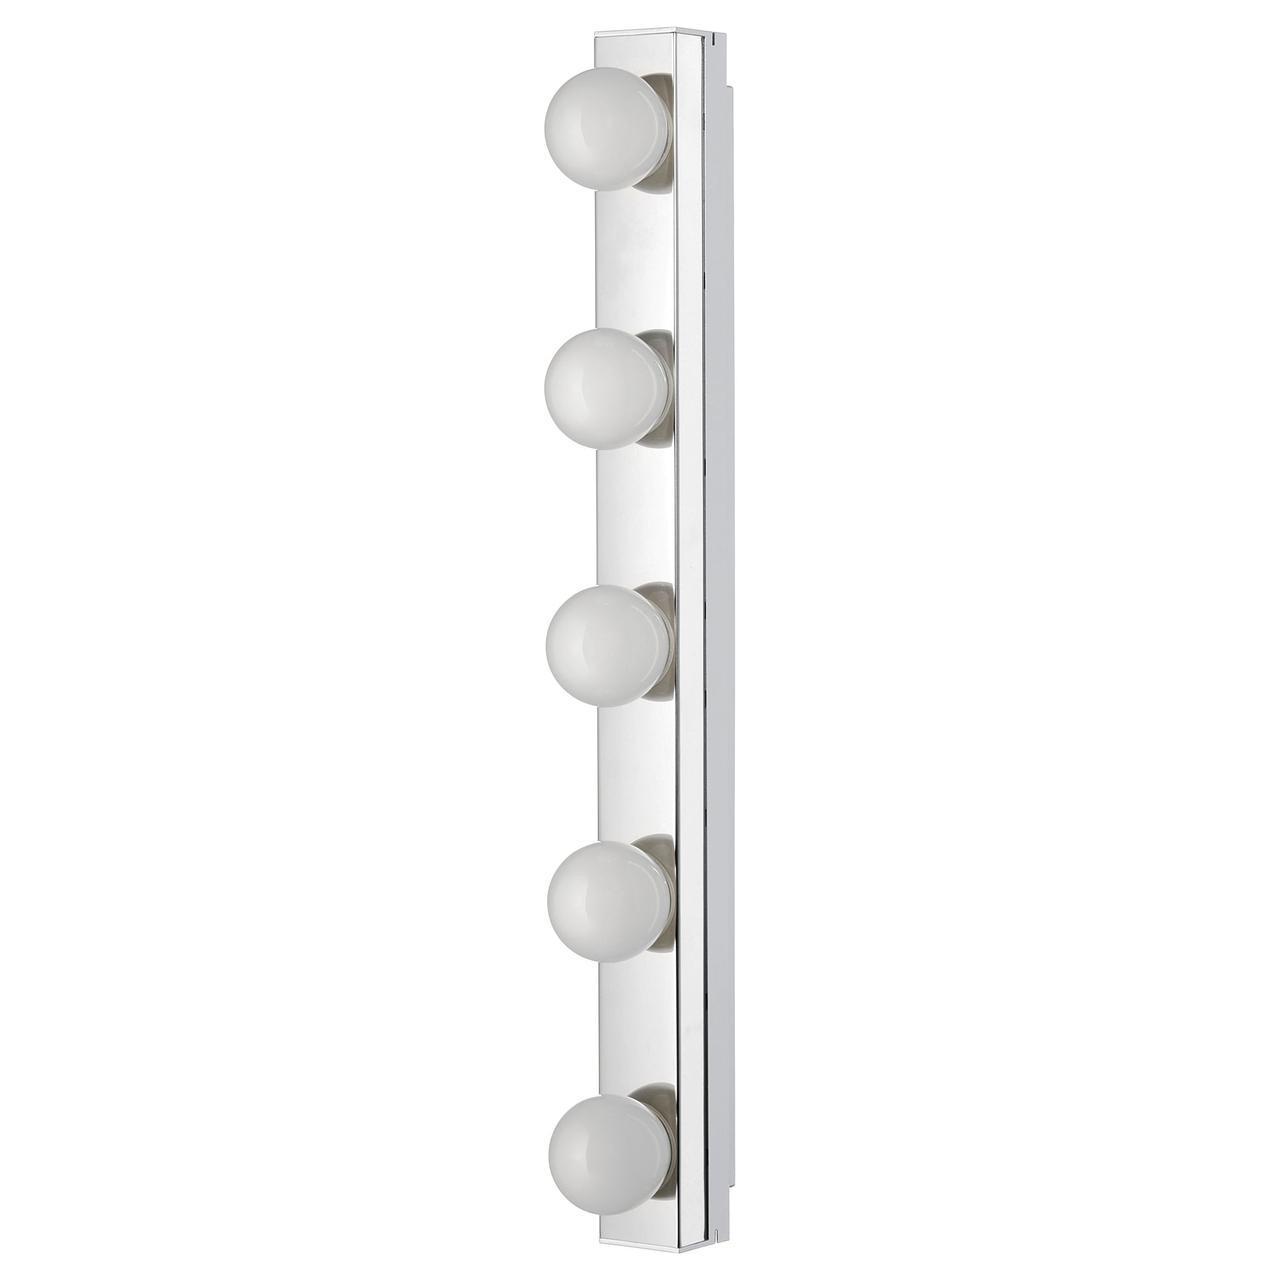 IKEA LEDSJO (403.597.61) Светодиодная настенная лампа, нержавеющая сталь